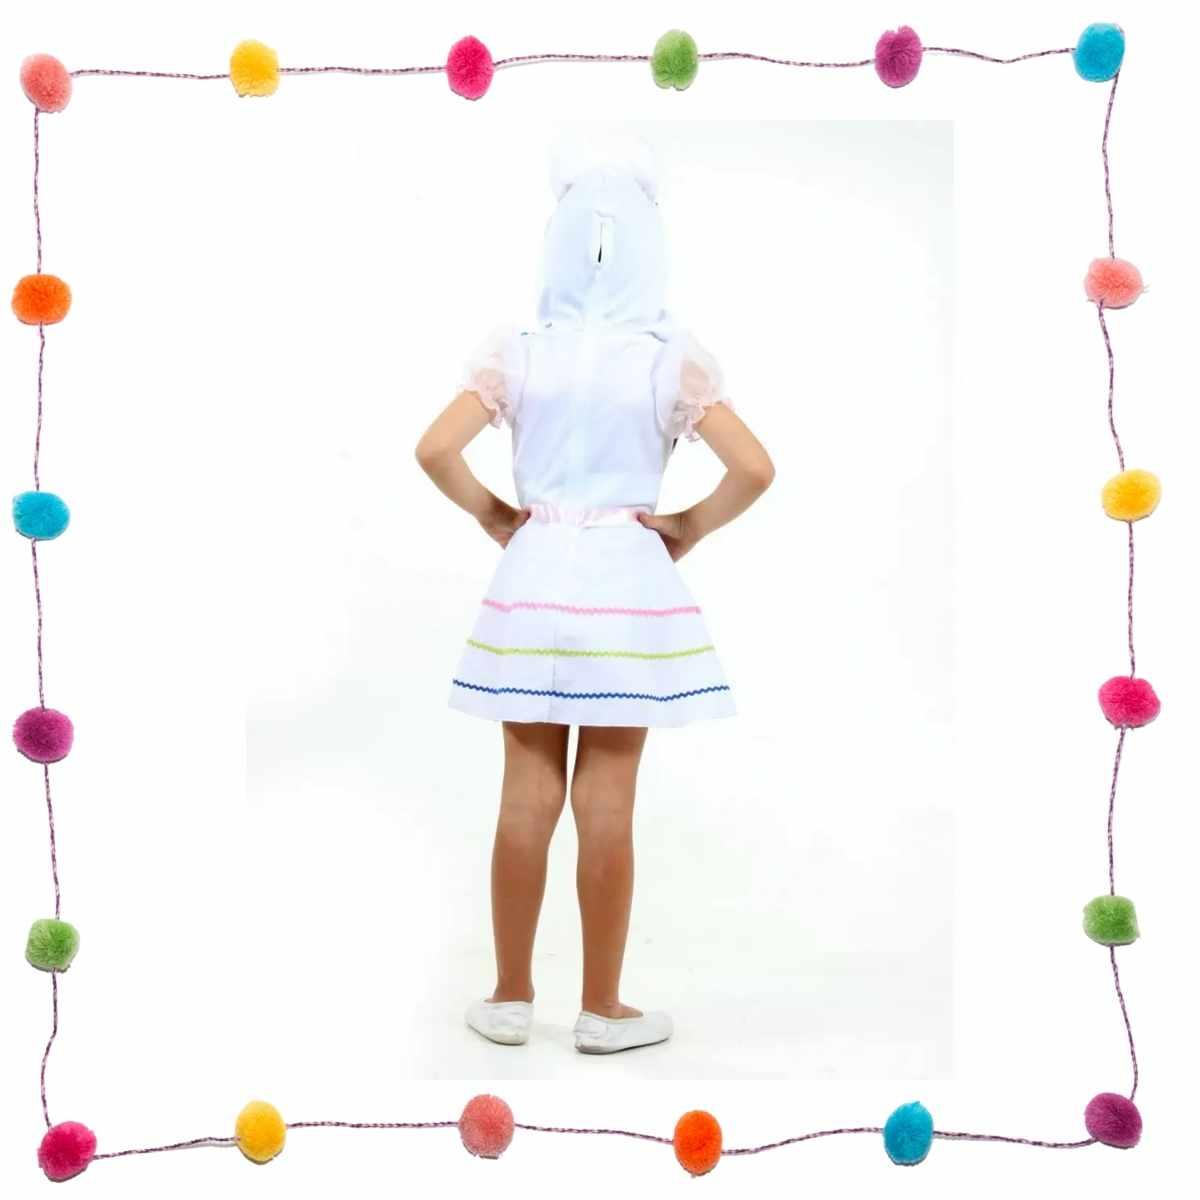 Fantasia Lhama Toddler (SL)